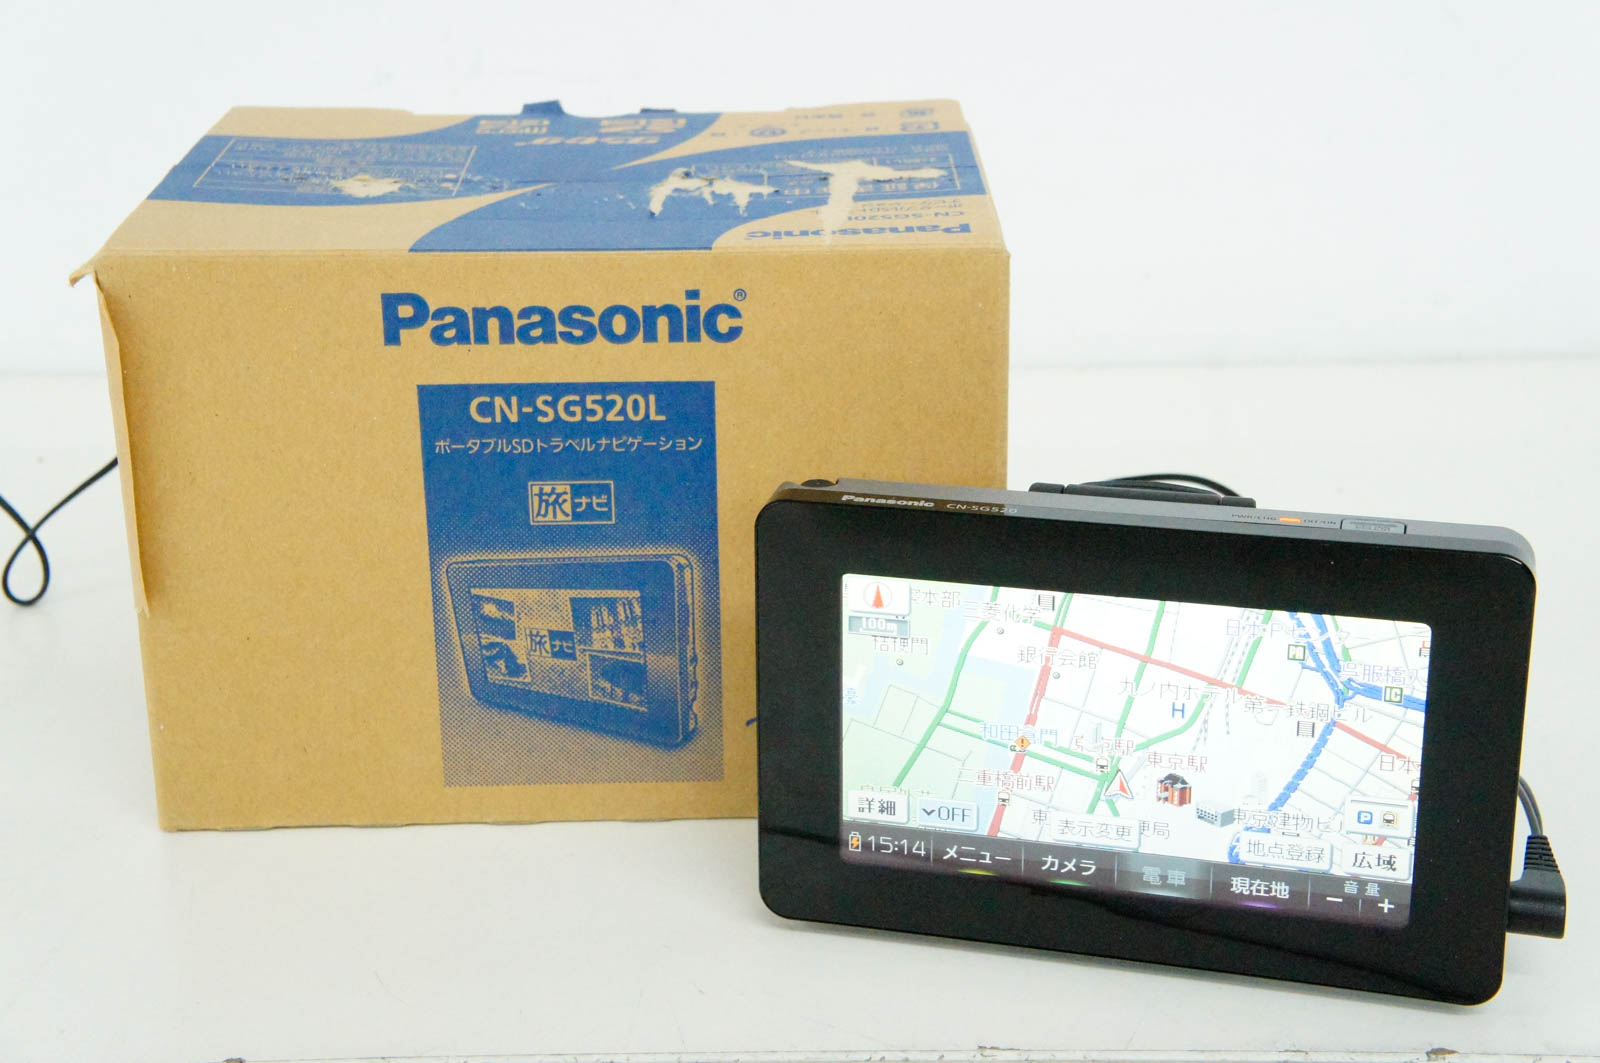 【中古】Panasonicパナソニック ポータブルSDトラベルナビゲーション CN-SG520L